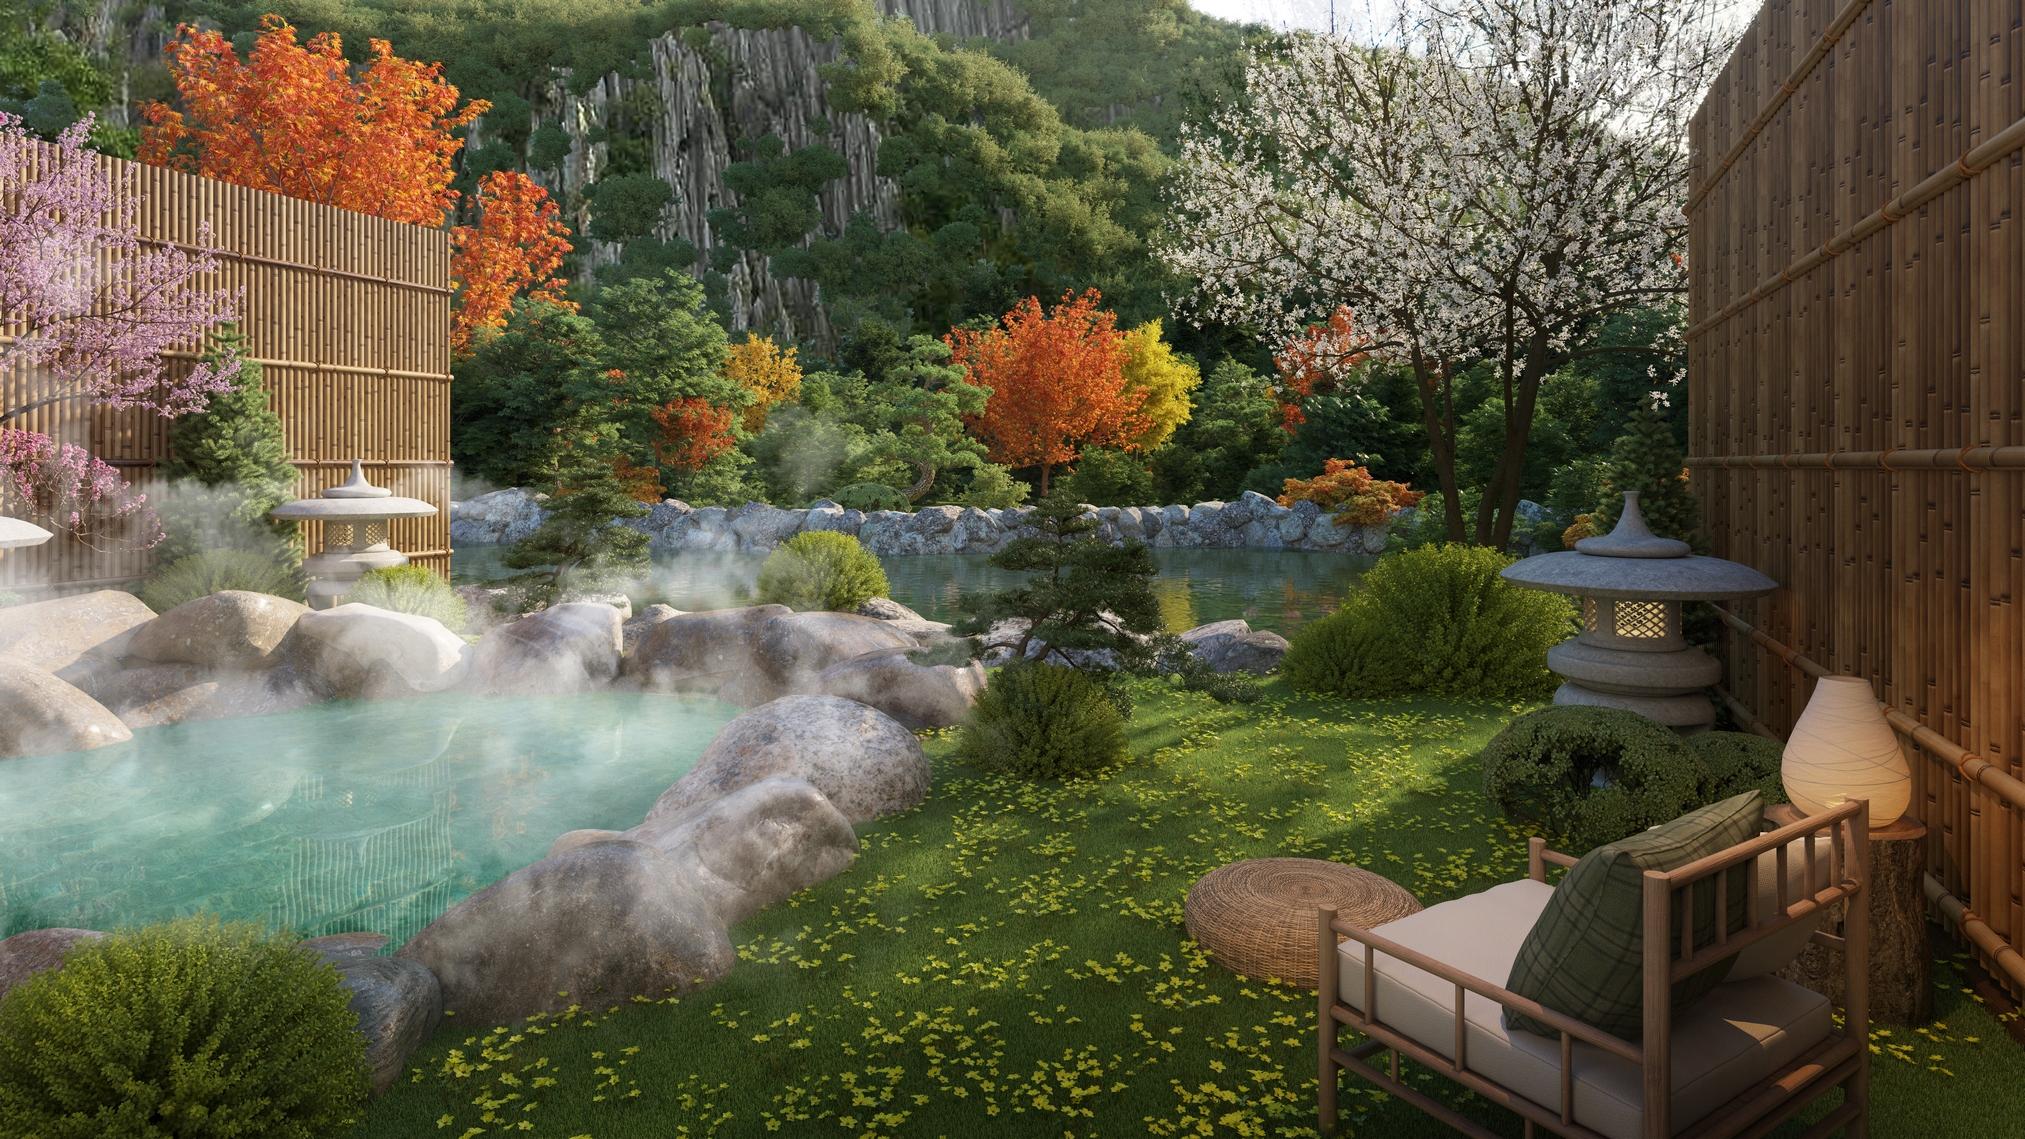 Tắm khoáng nóng hàng ngày là đặc quyền riêng của chủ nhân phân khu Yoko Villas.